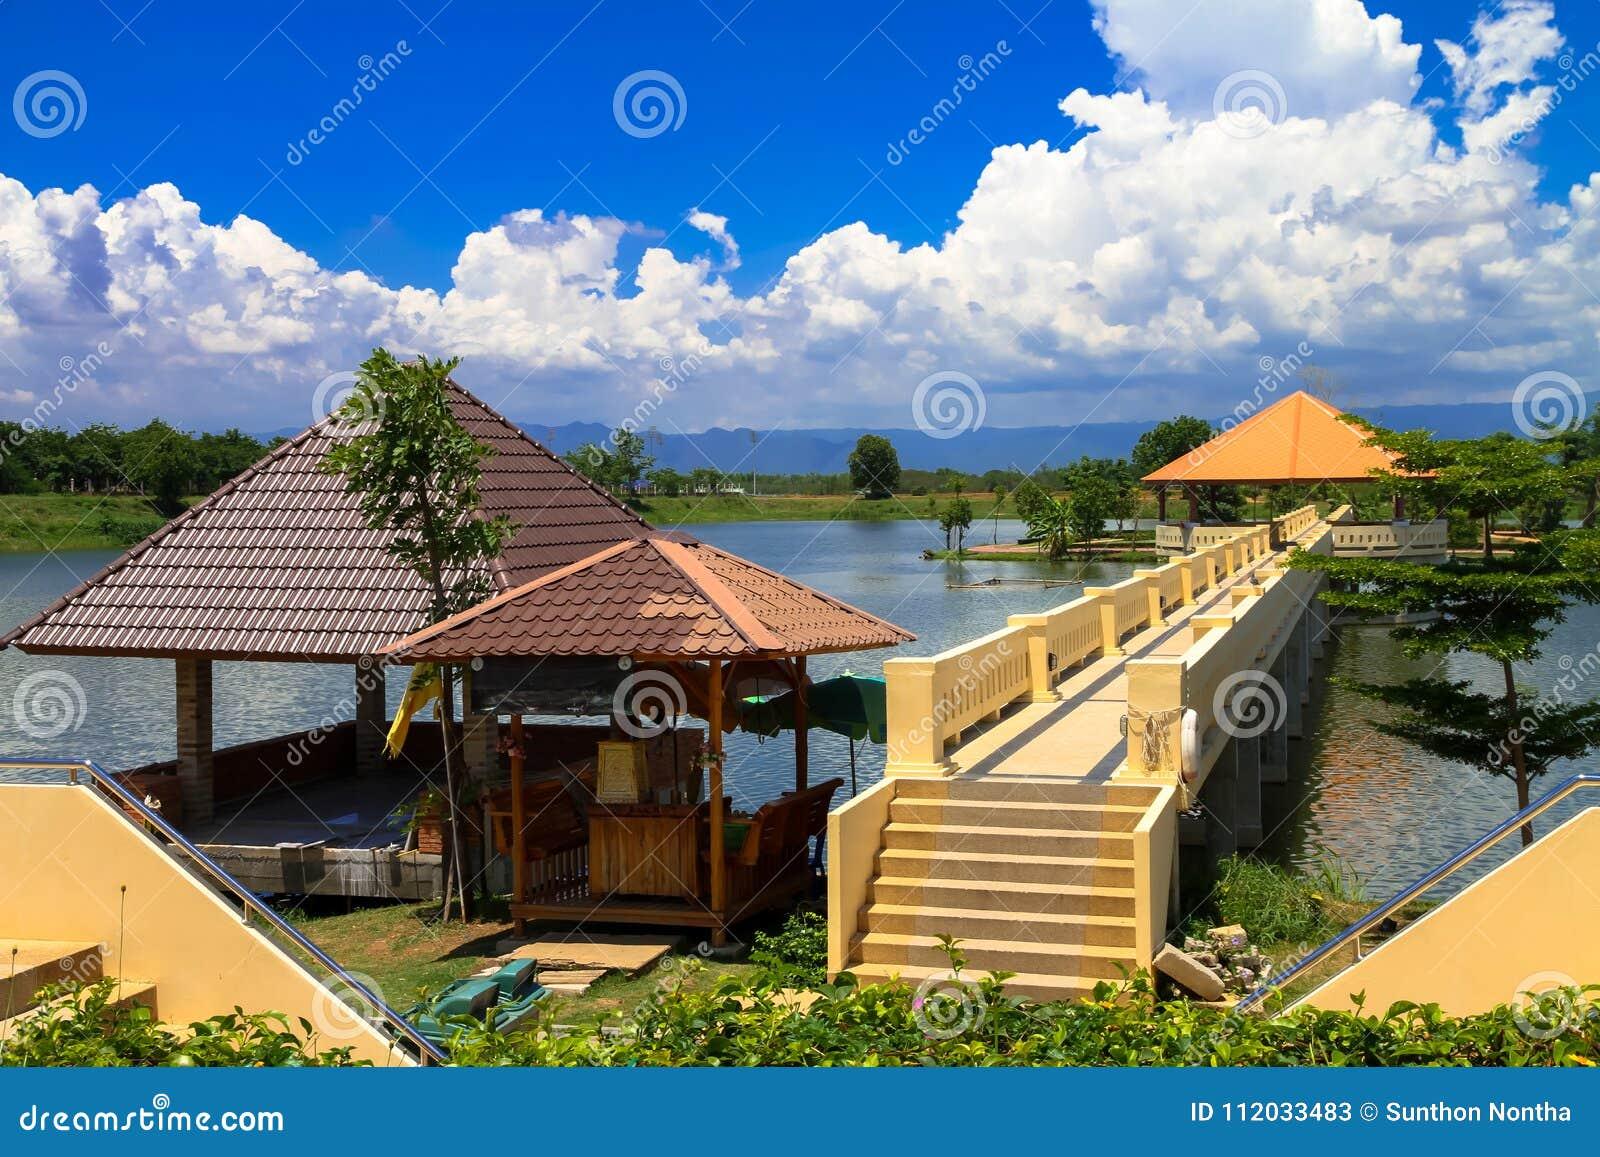 Det triangulära taket har en lång korridor till mitt av vattnet, med gröna berg, vitmoln och blåa himlar